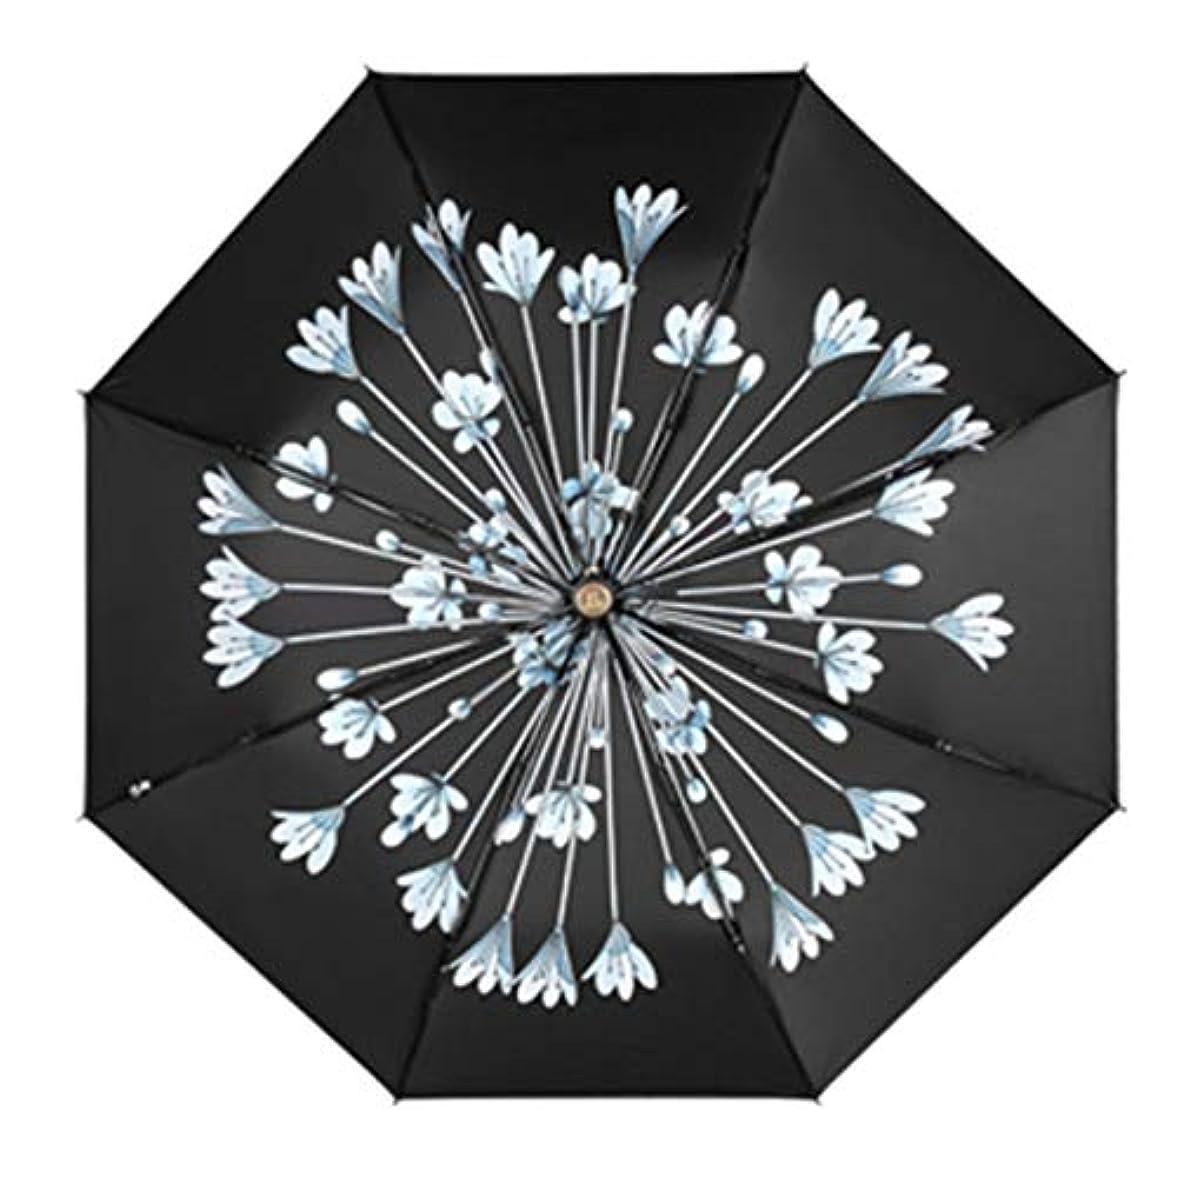 意欲縁石硬化するHOHYLLYA 女性の日焼け止め傘黒表面紫外線保護折りたたみ日傘携帯用女性スポーツ傘 sunshade (色 : 黒)